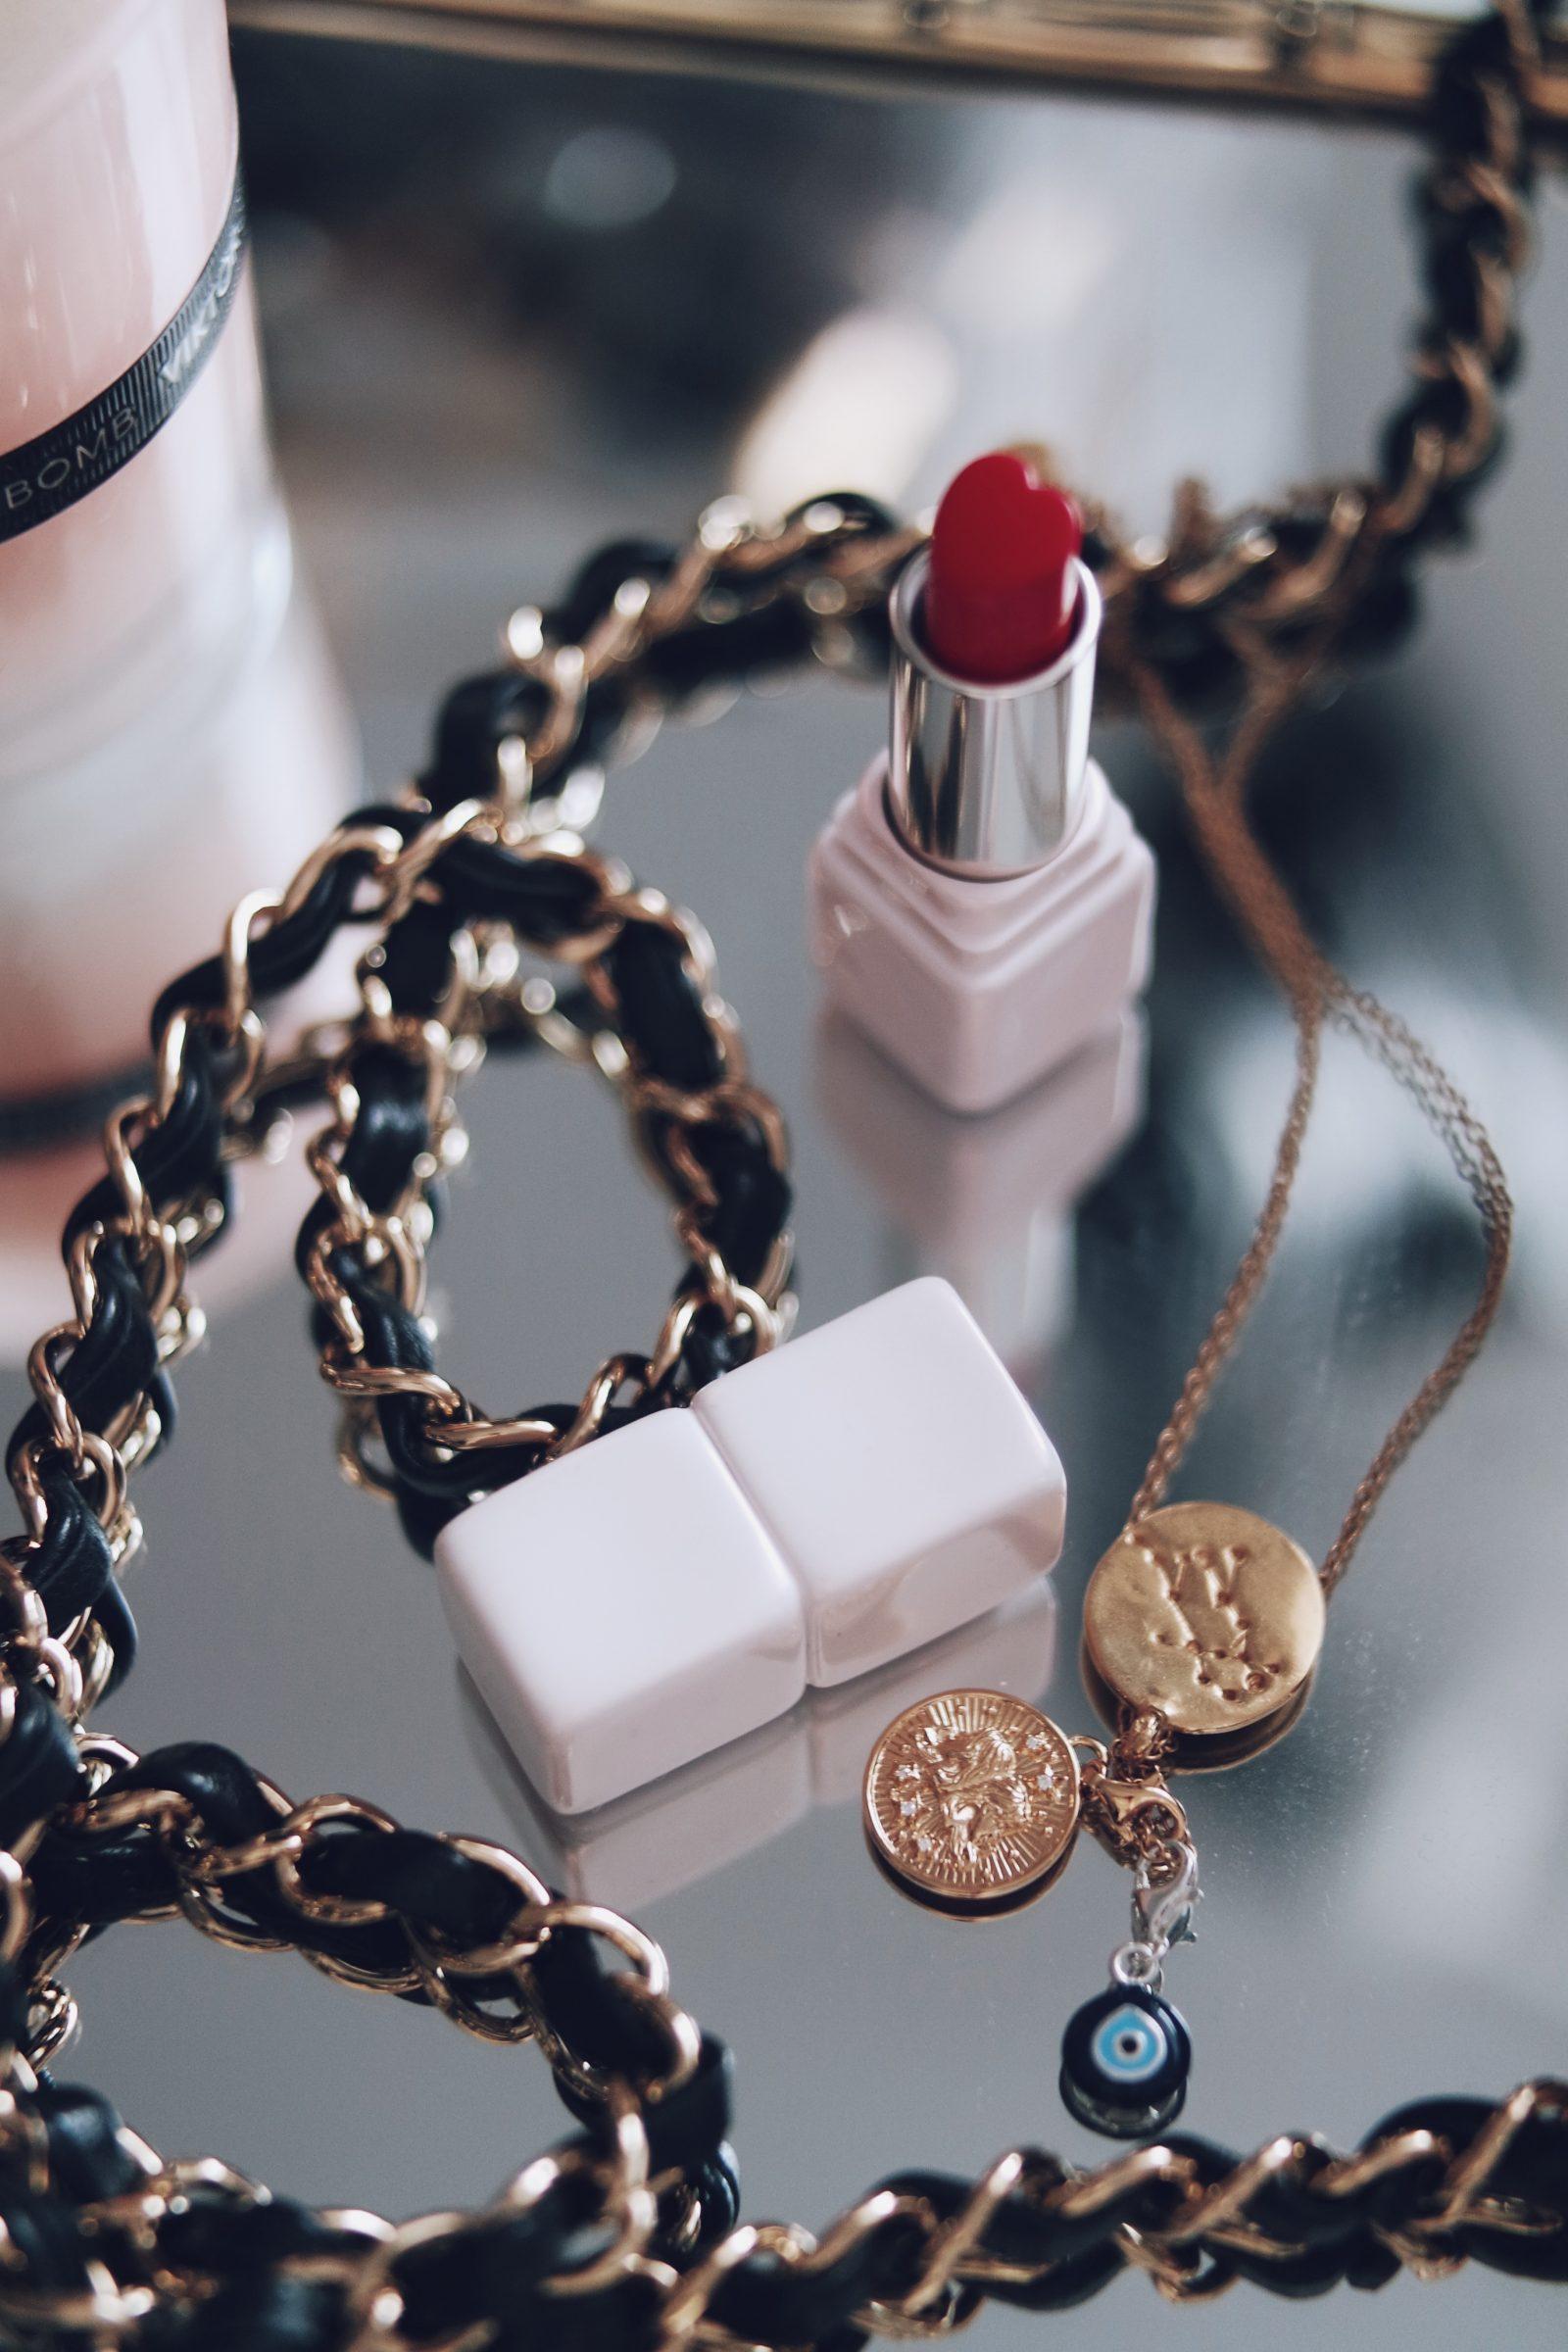 Anxiety - Guerlain Kiss Kiss Lipstick